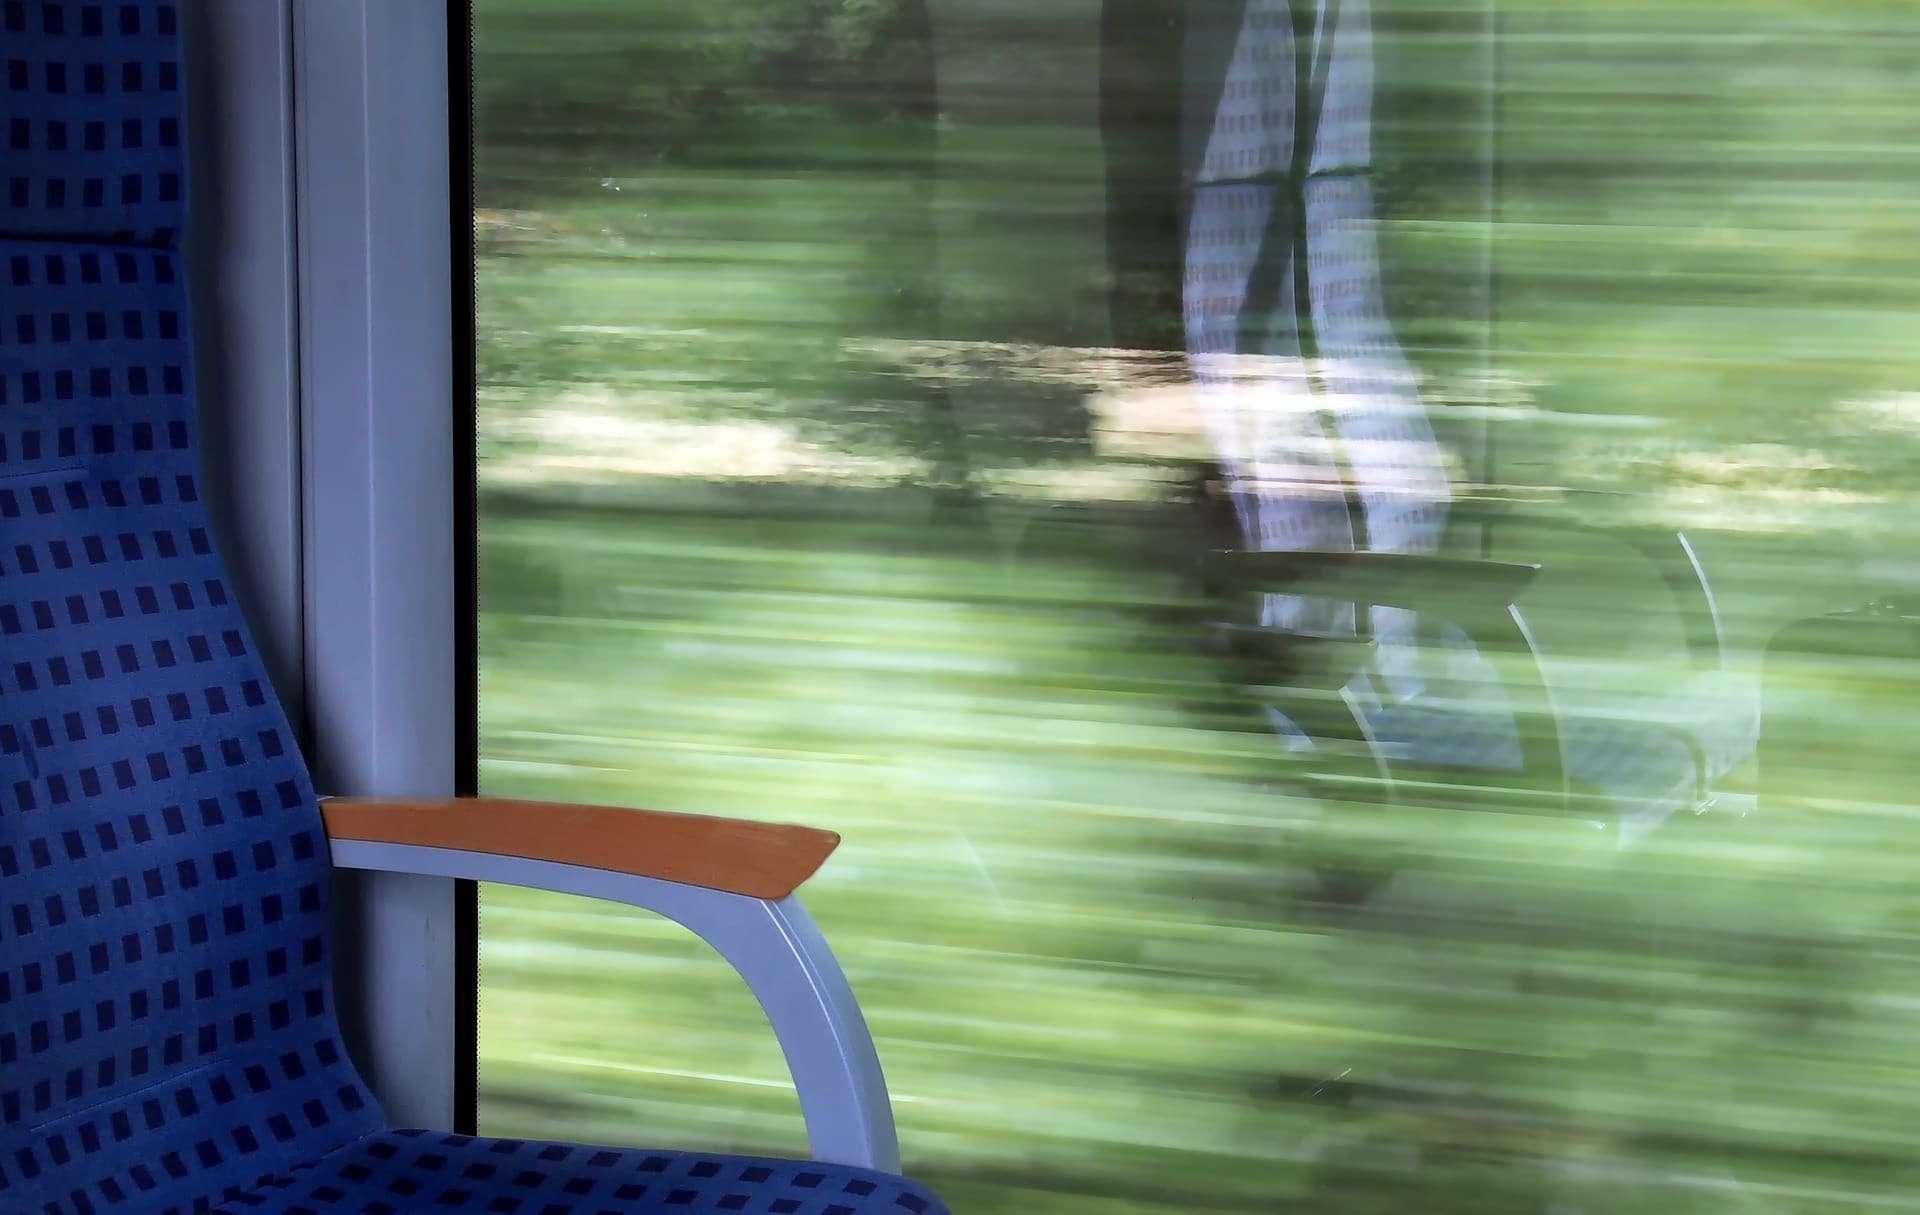 Viaggiare_Interrail_comodità_spostarsi_treno